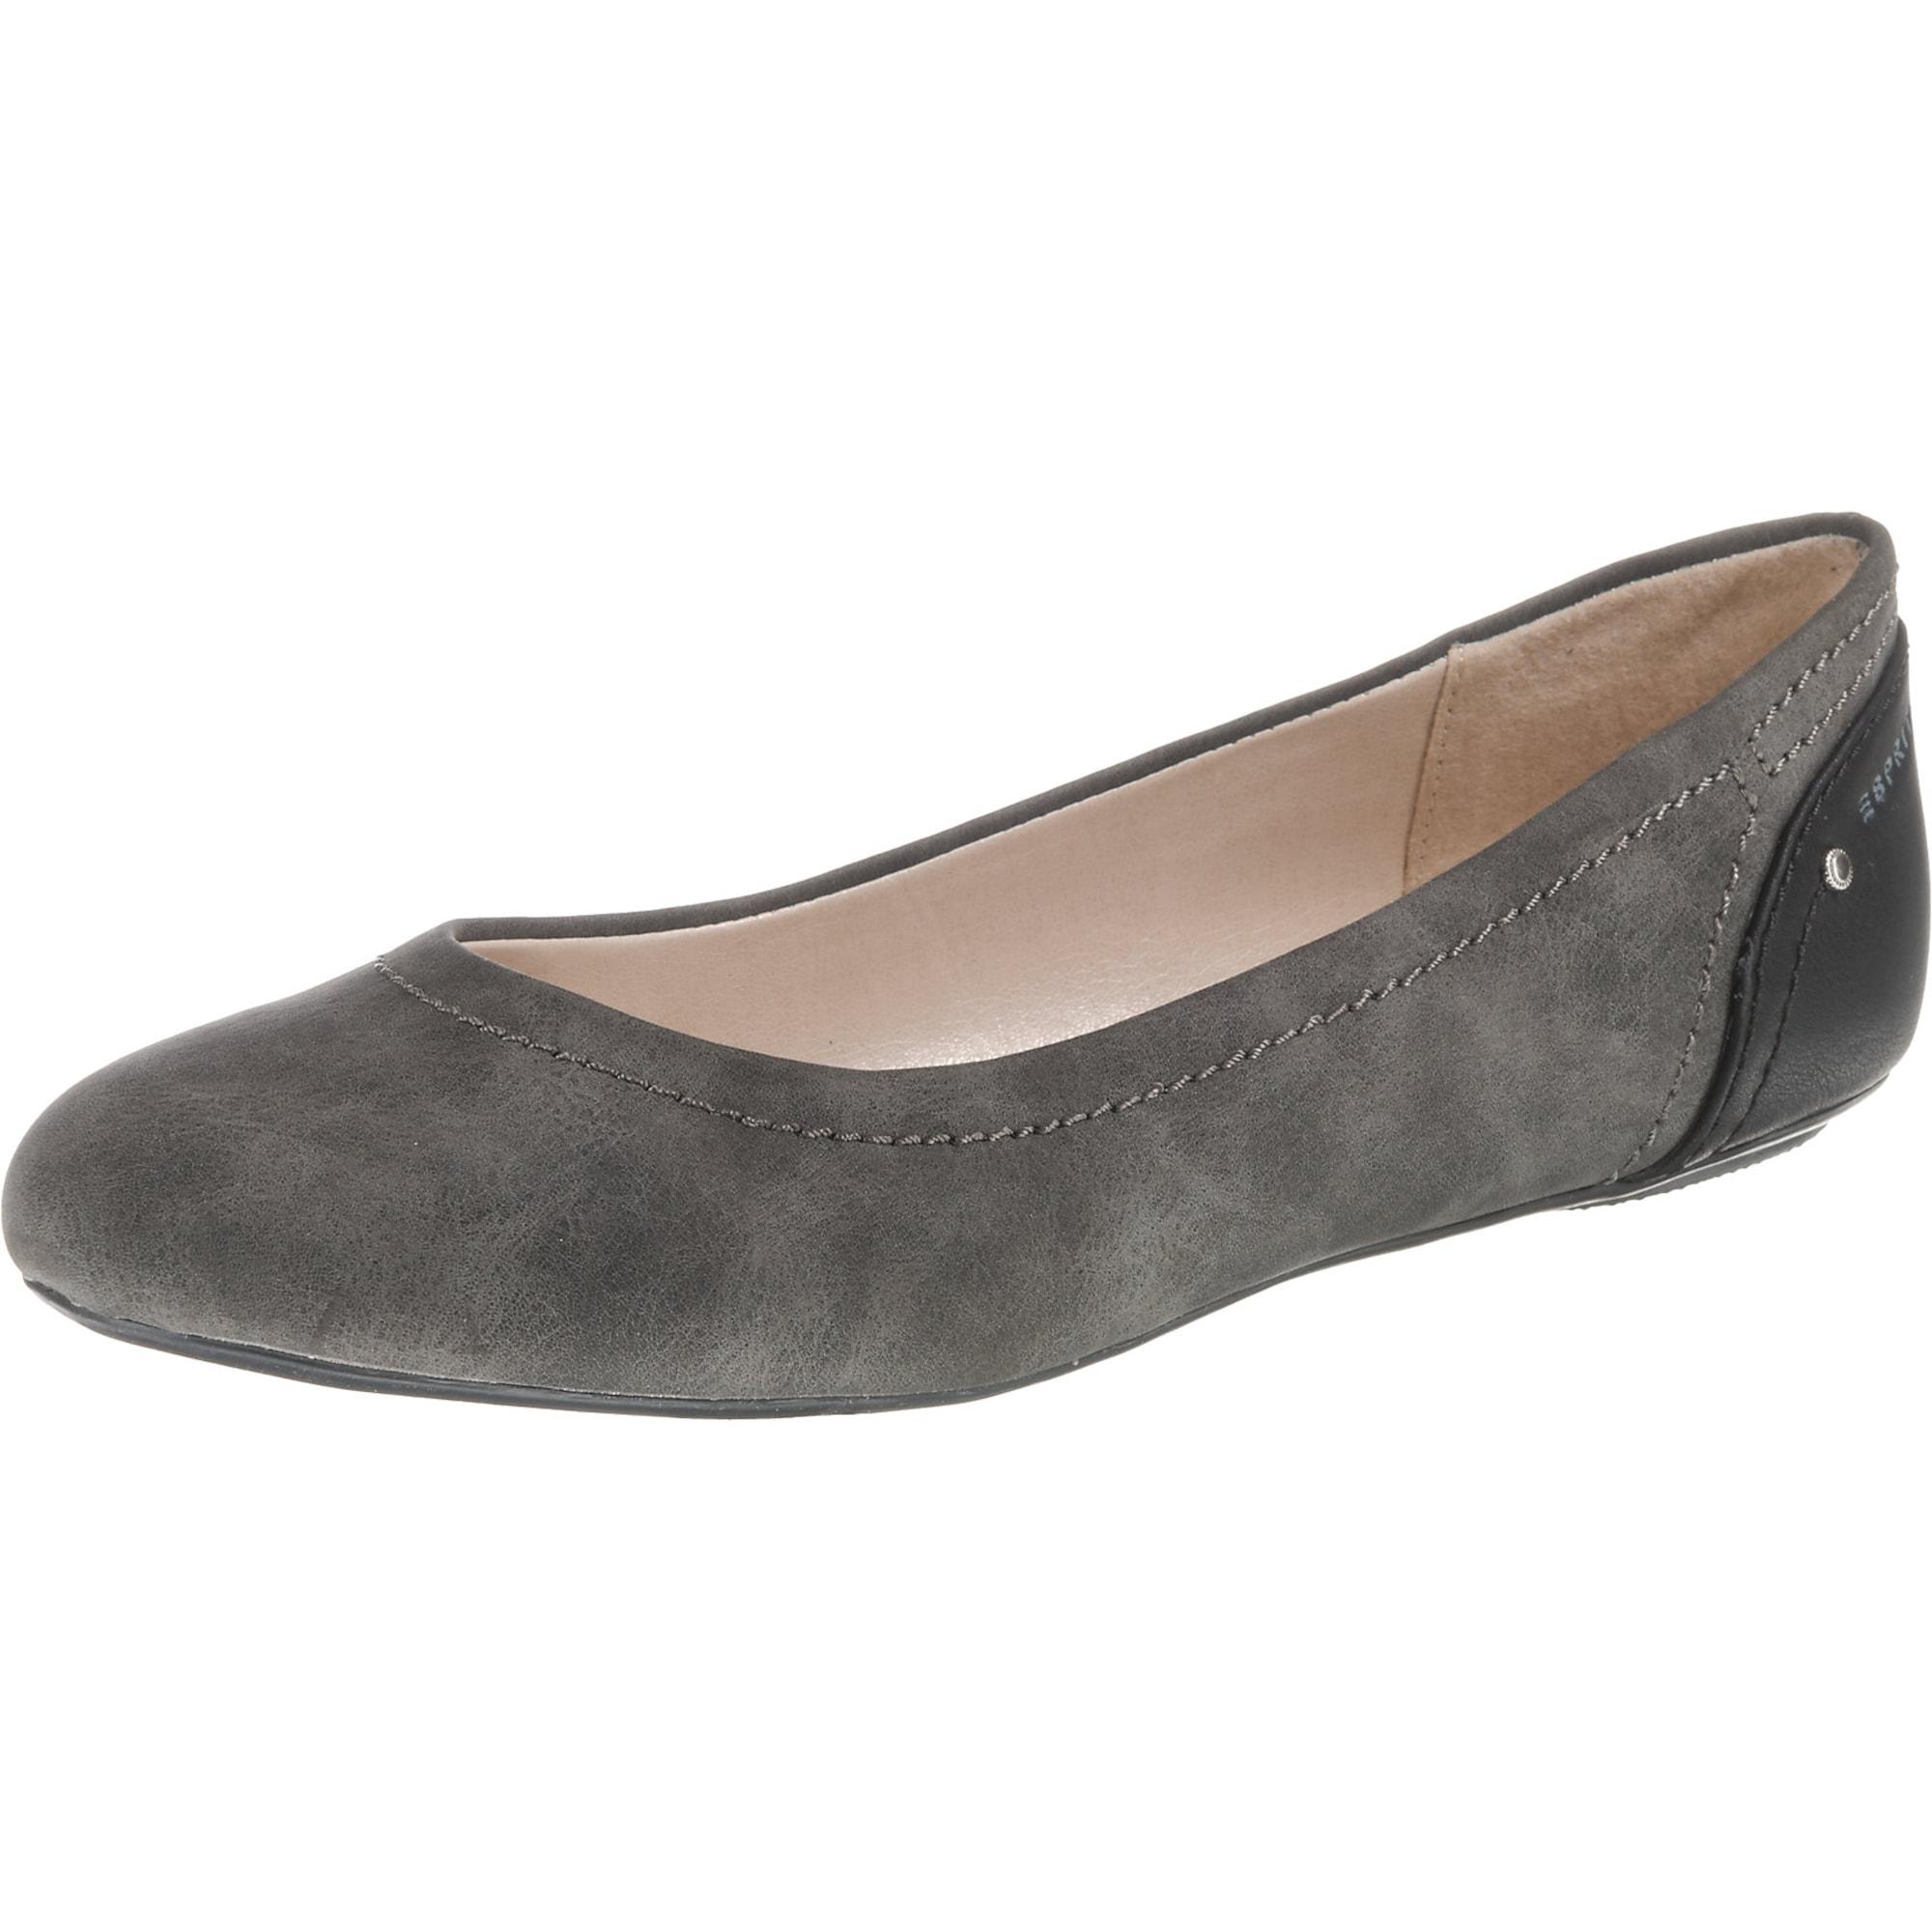 Ballerina 'ALOA' | Schuhe > Ballerinas | Anthrazit | Esprit